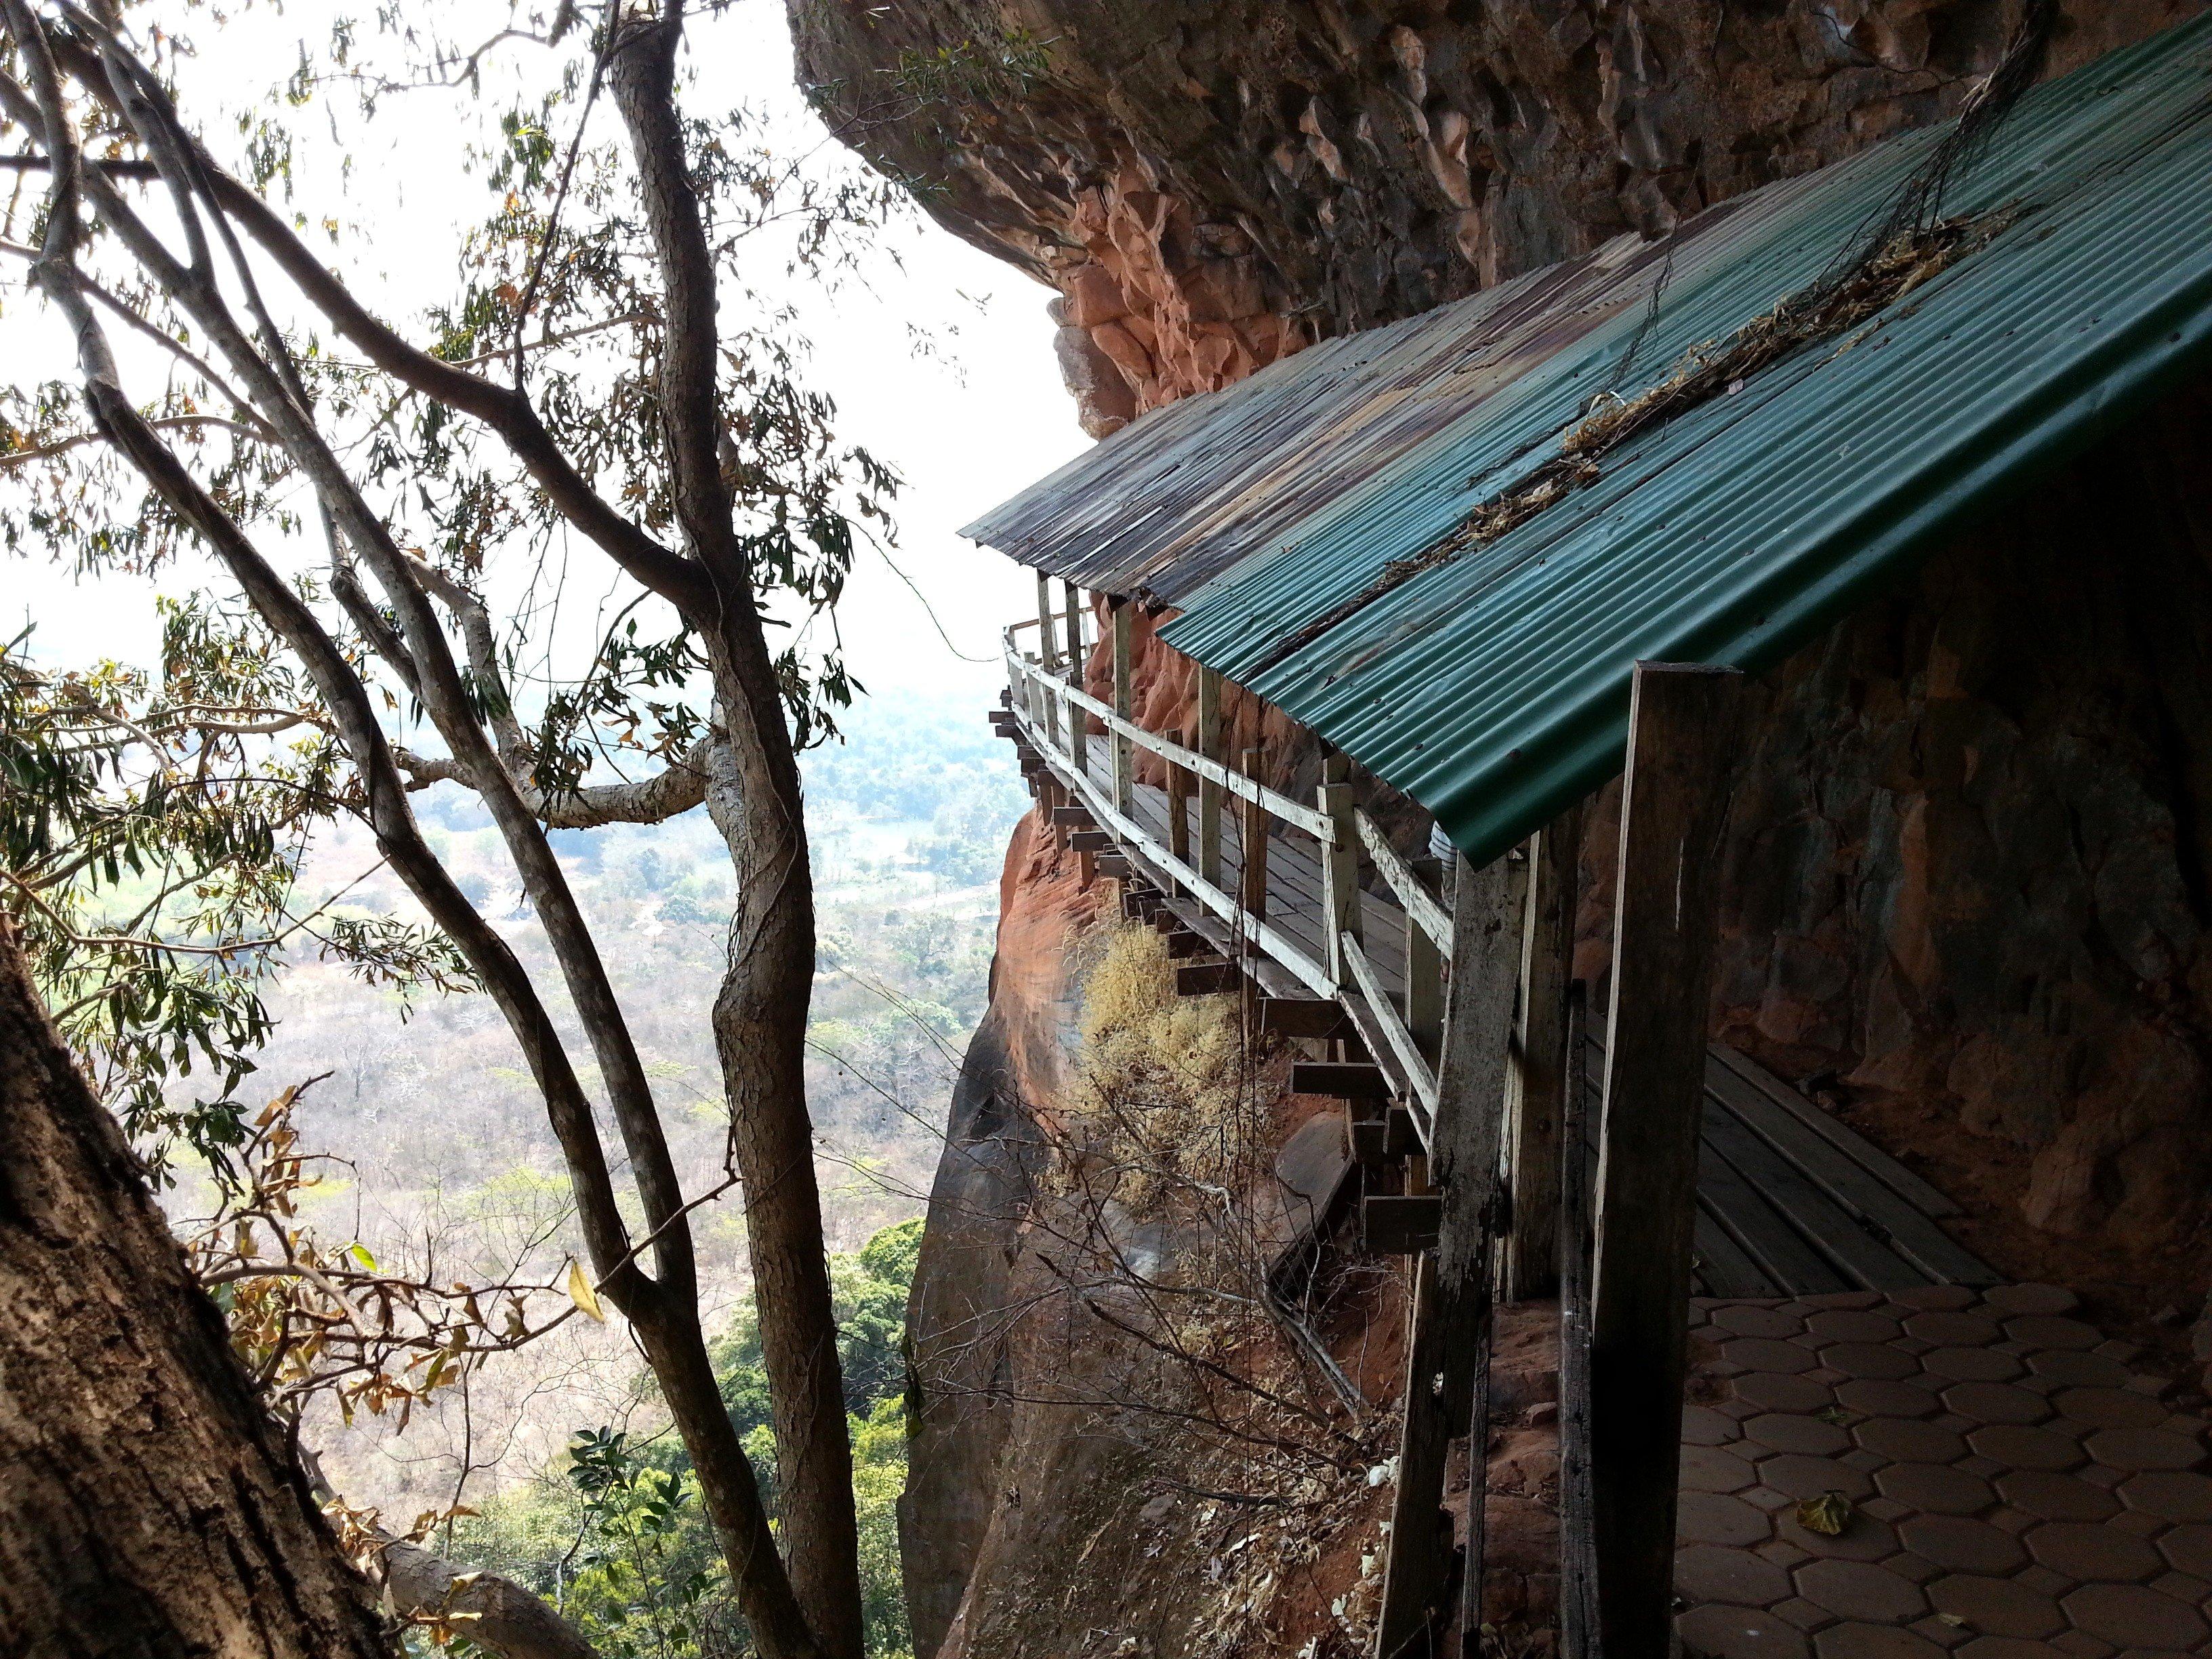 The walkway on Level 6 of Phu Tok